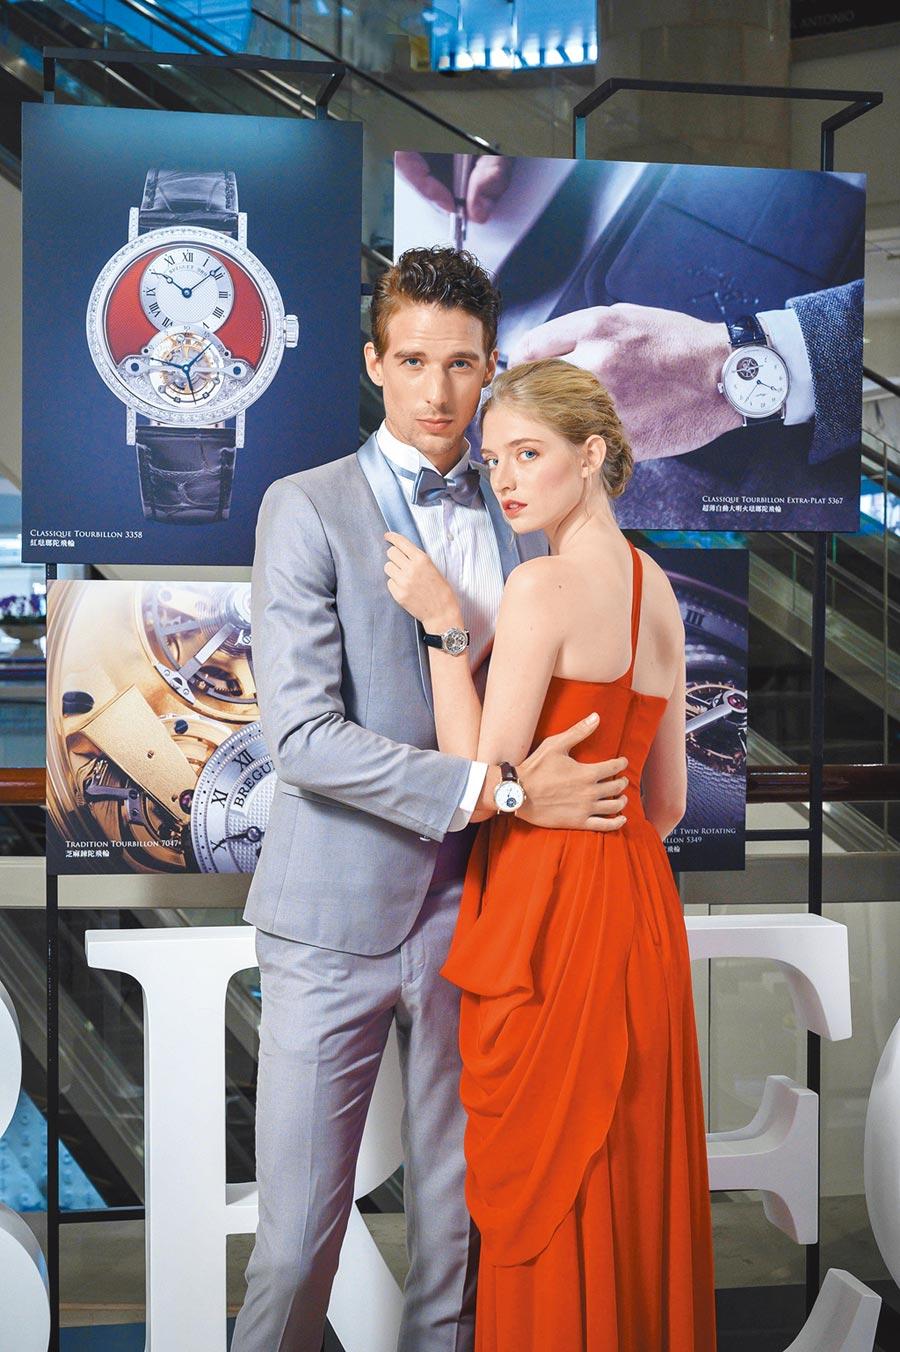 寶璣在台北101店上舉辦「陀飛輪日」歡慶活動,男模佩戴5367超薄陀飛輪表,女模佩戴3355鏤空陀飛輪表。(Breguet提供)